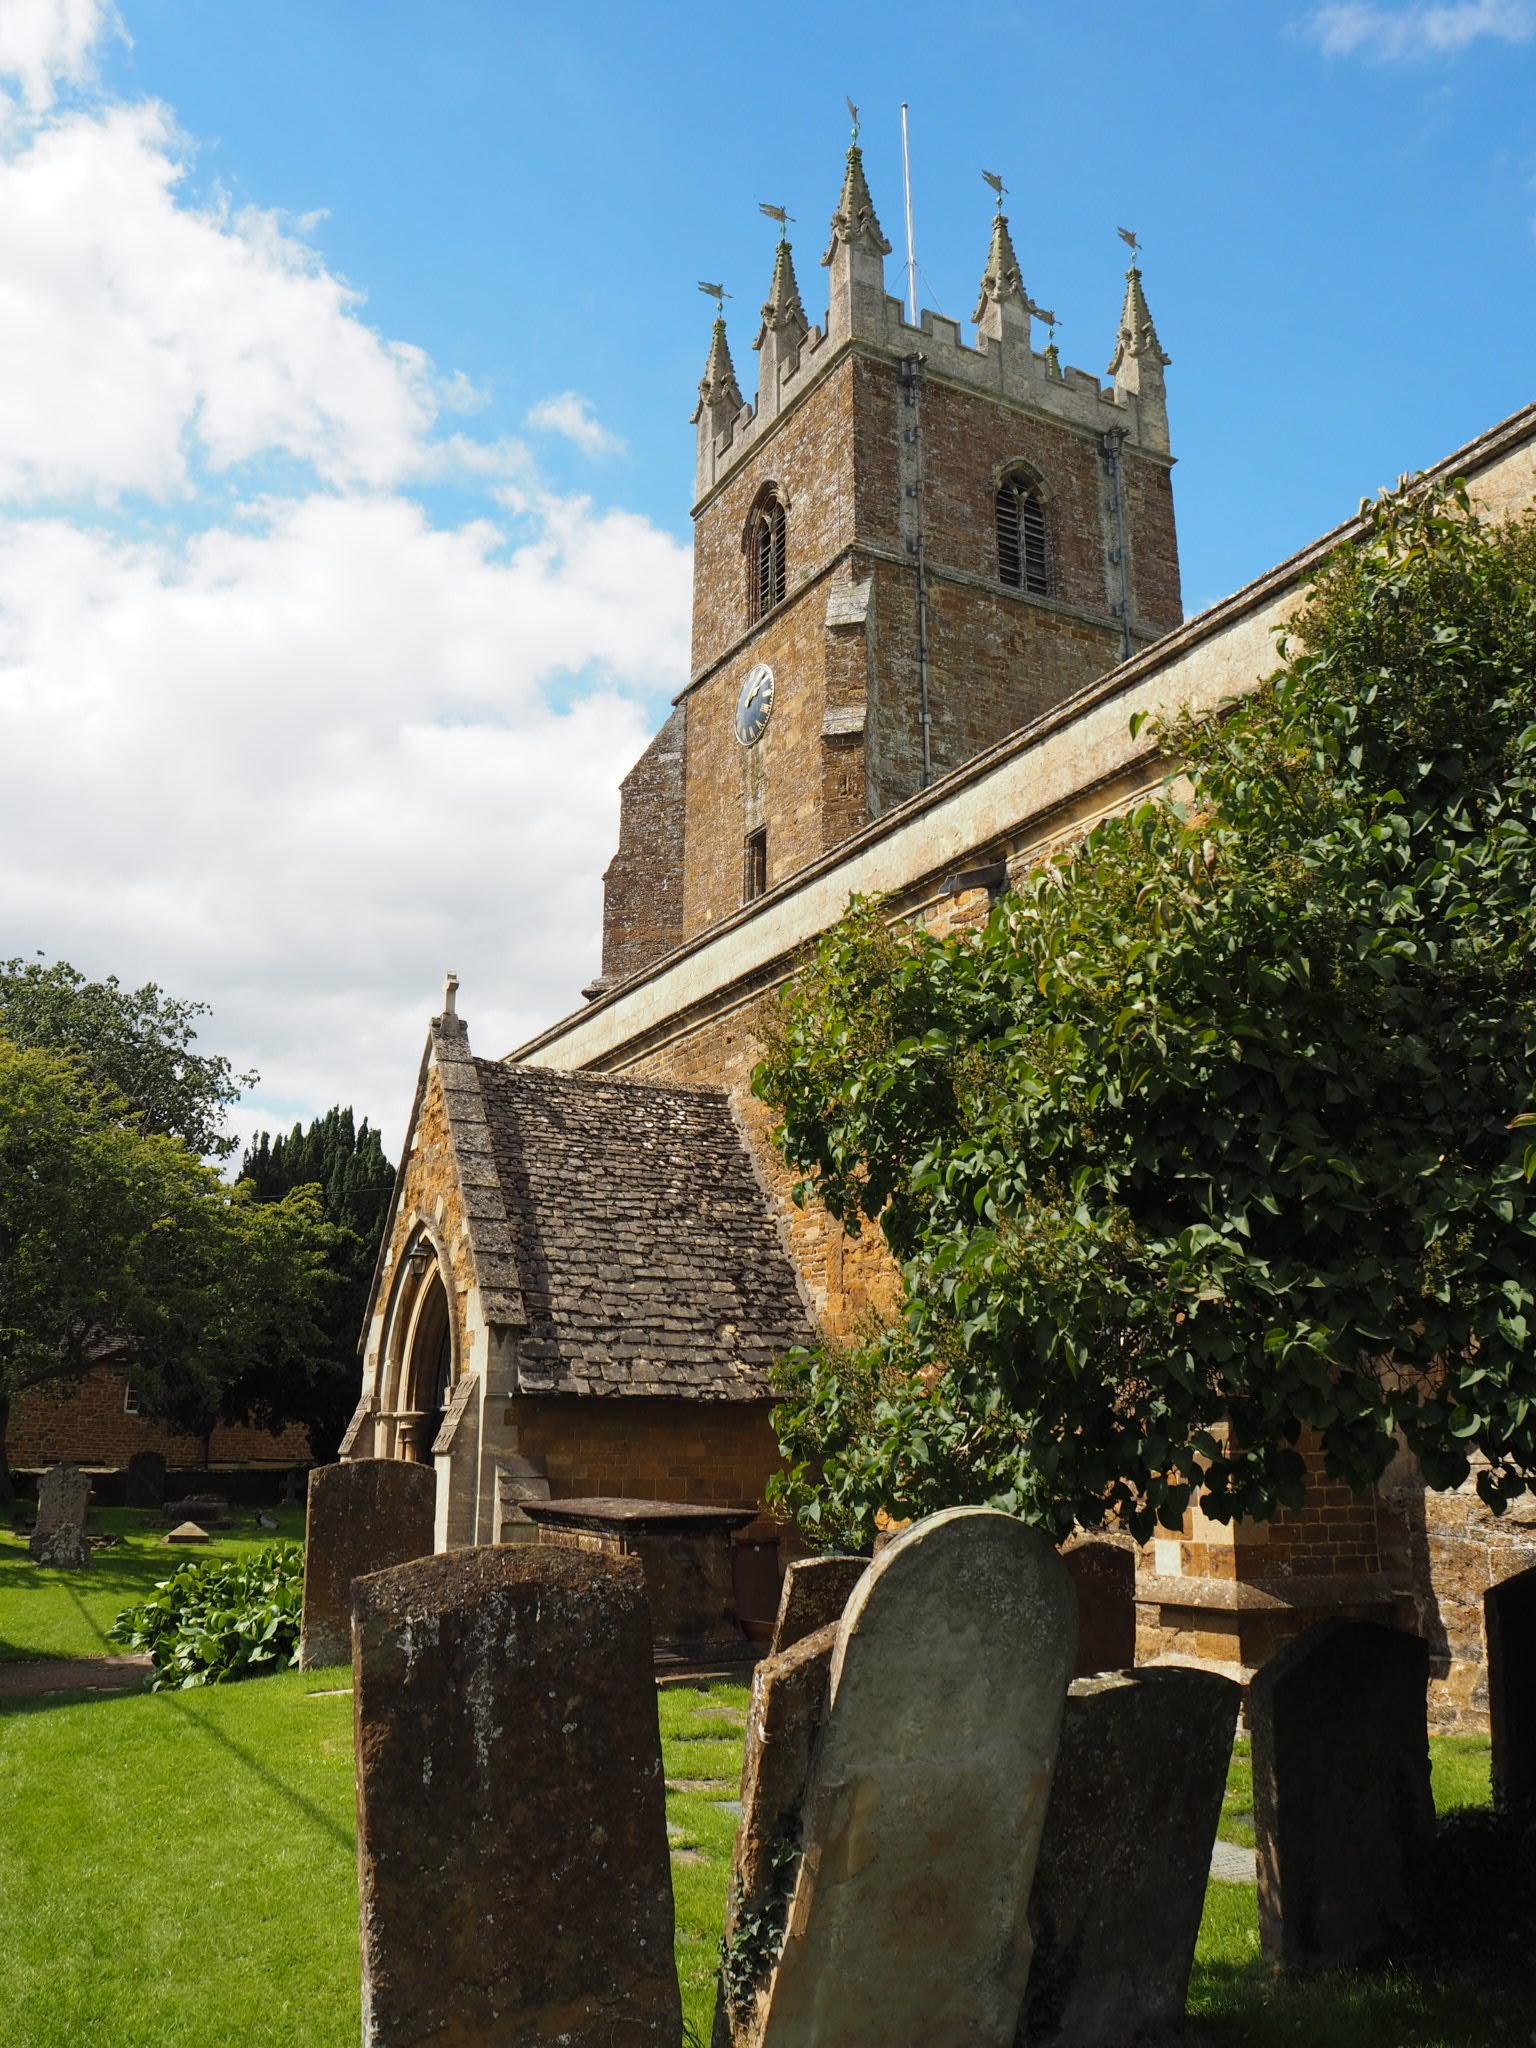 S.S. Peter and Paul Parish Church in Deddington.